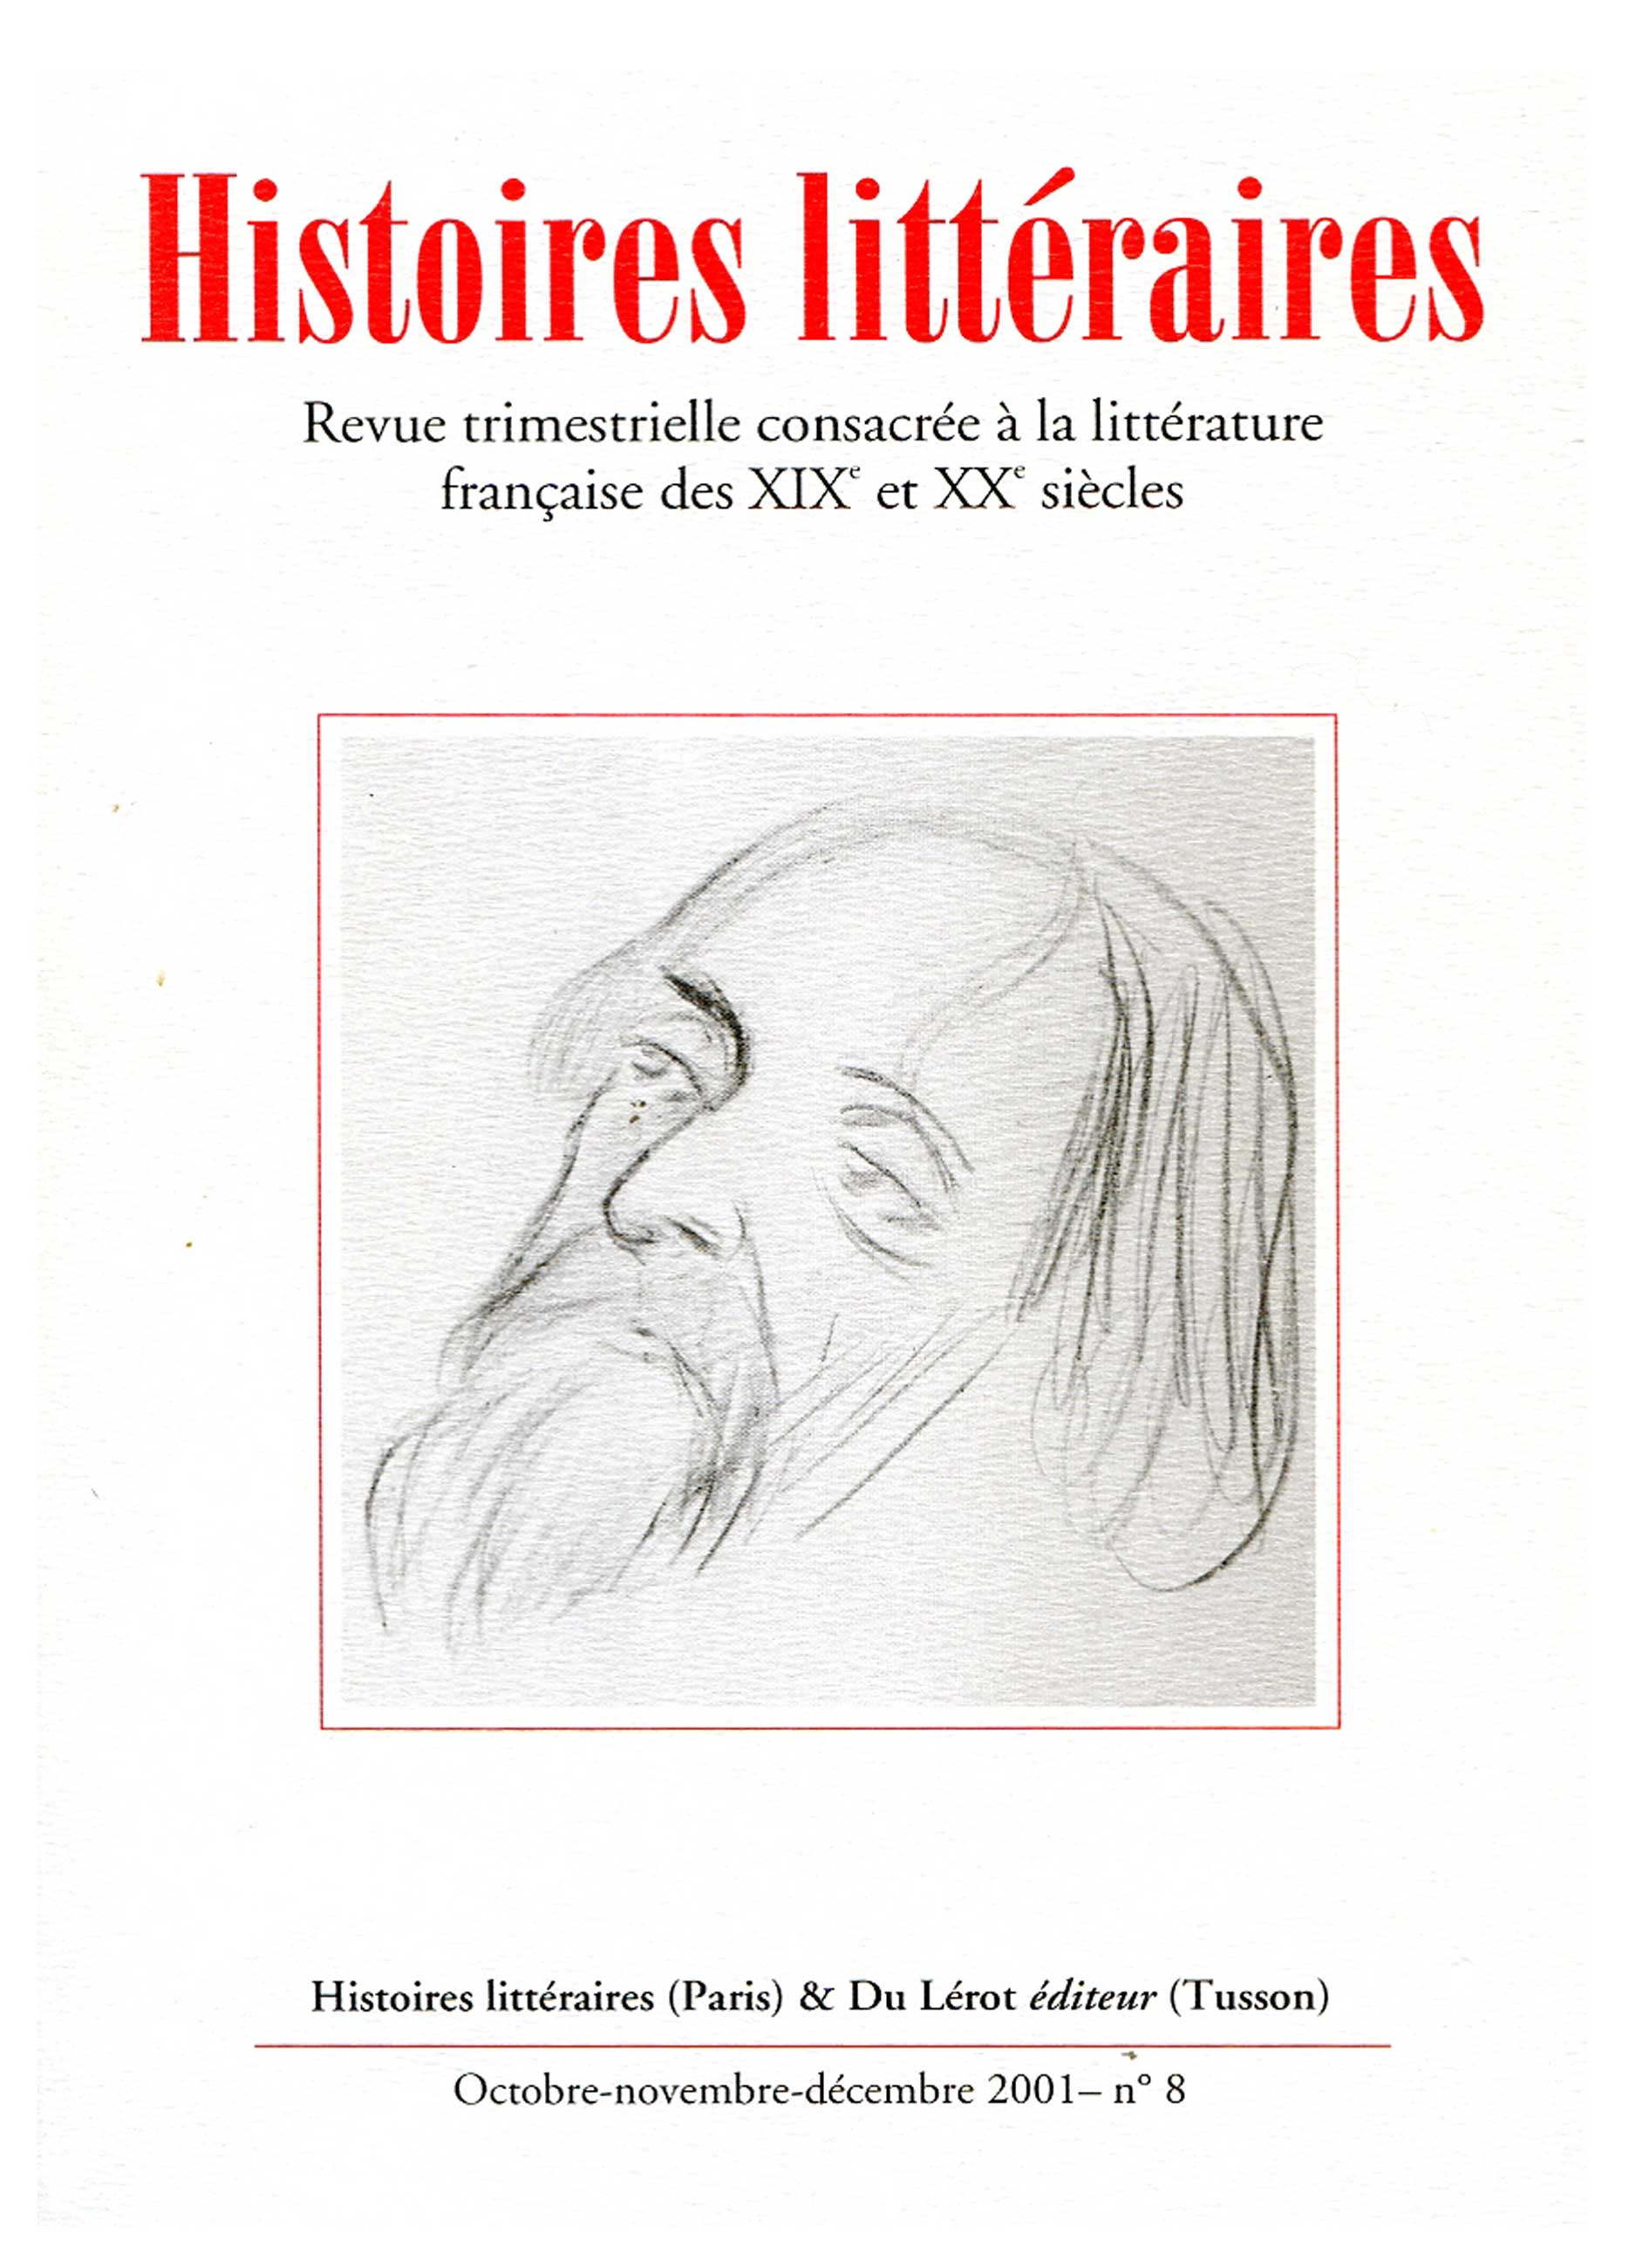 Couverture d'Histoires littéraires n°8